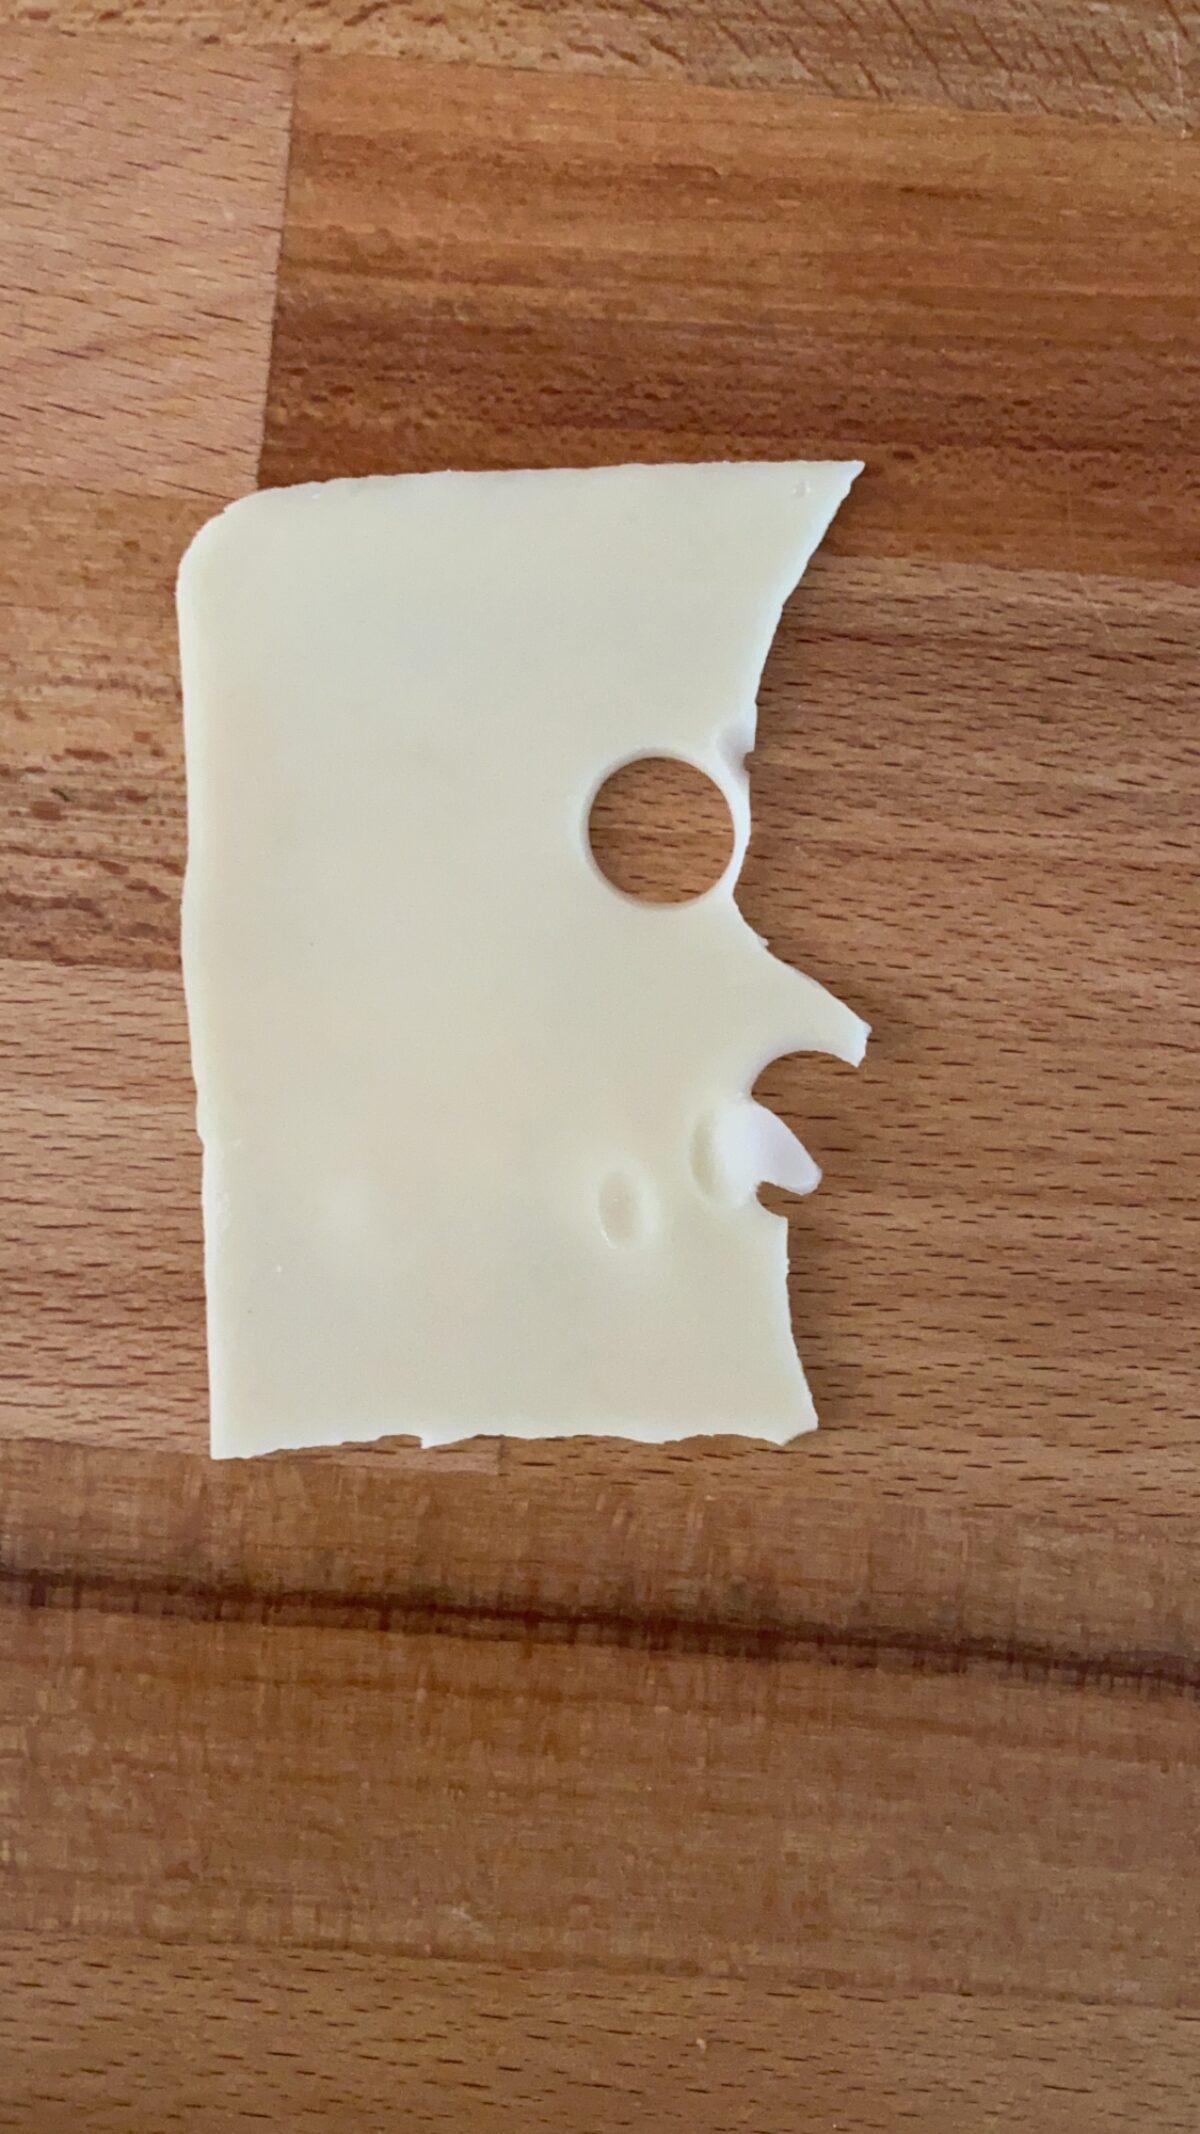 Cheesy Elvis